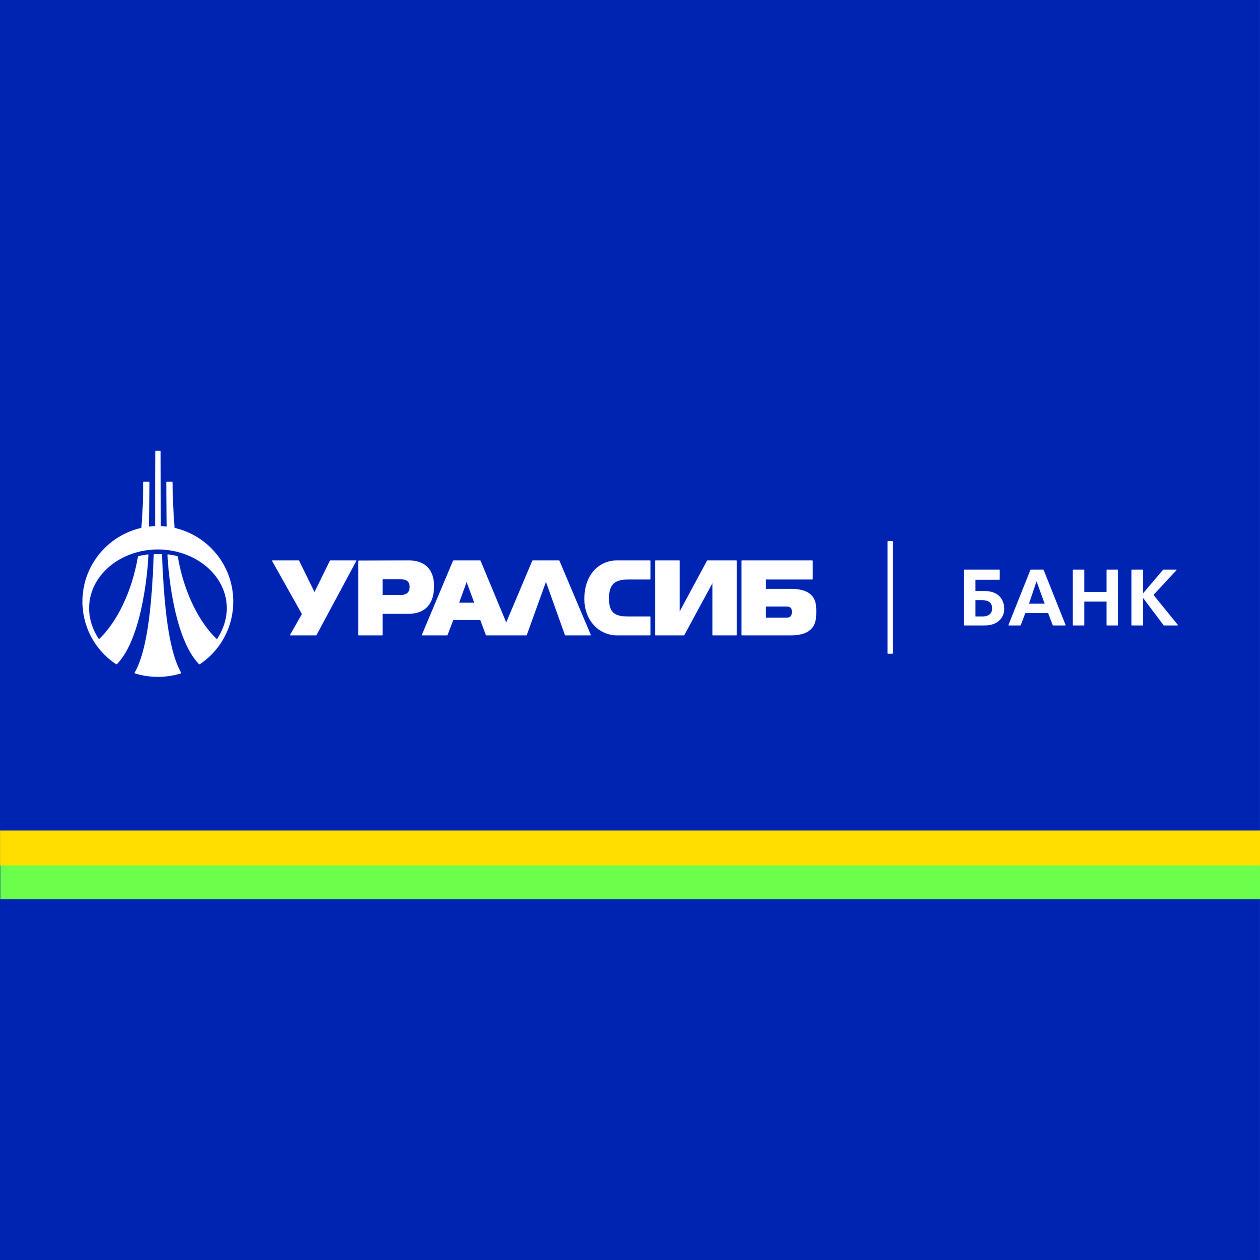 """ПАО """"БАНК УРАЛСИБ"""" подвел итоги деятельности в 2019 году в соответствии с РСБУ"""